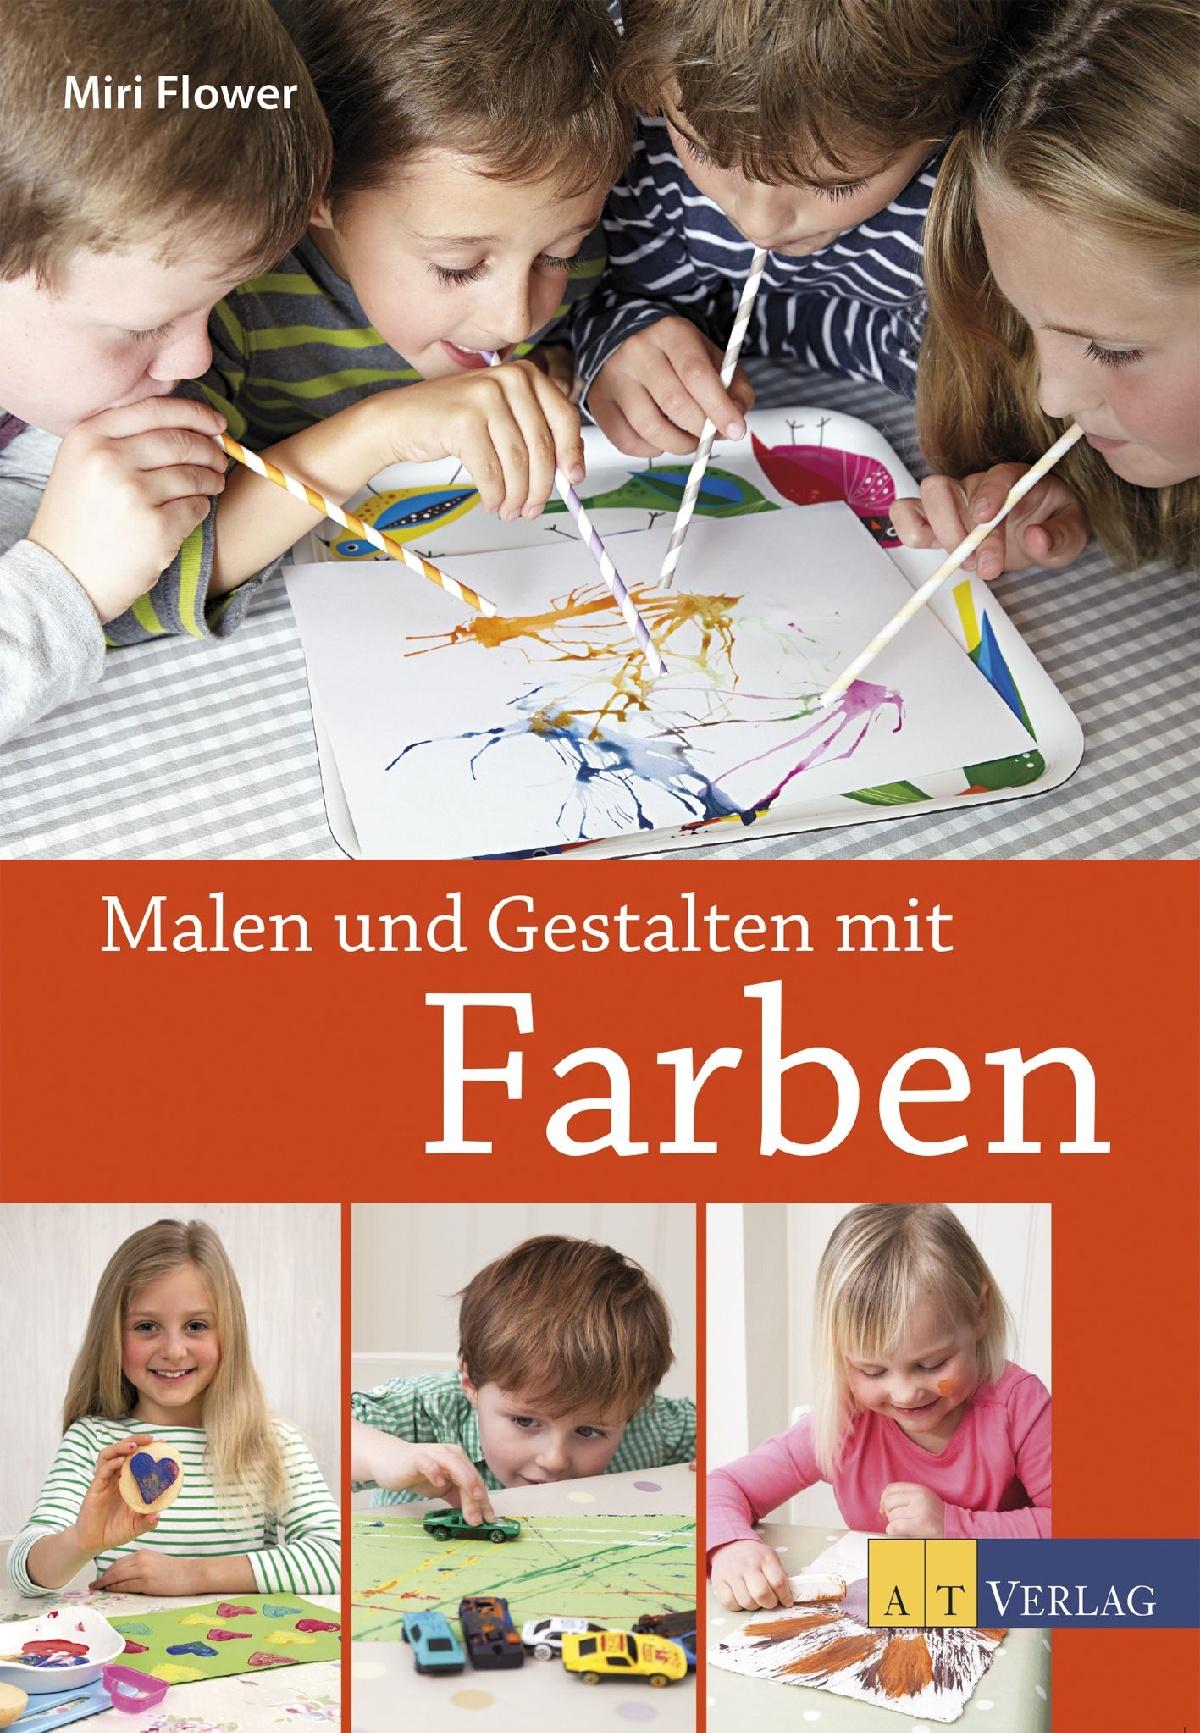 Buch: Malen und Gestalten mit Farben von Miri Flower • AT Verlag